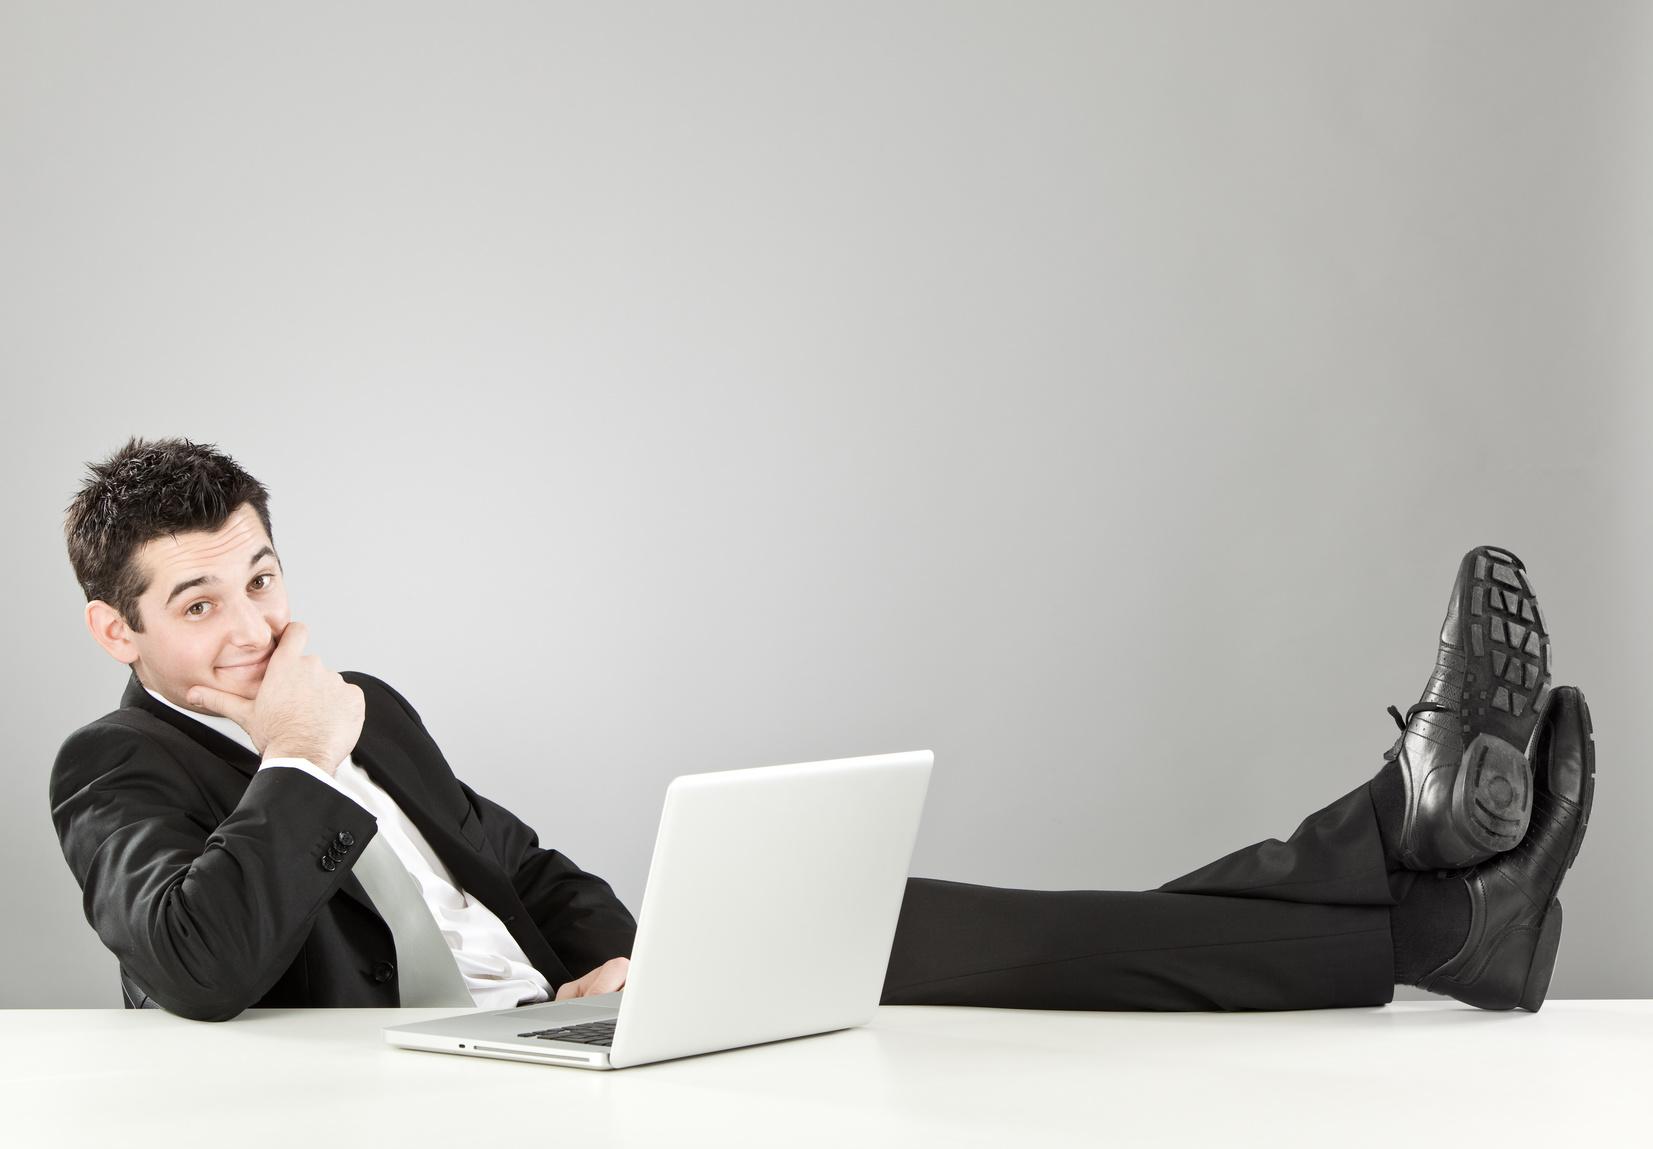 So wie dank Digitalisierung heute in den meisten Firmen nichts ohne PC mehr funktioniert, muss sich auch die Arbeit an sich der Zukunft anpassen: Und die erfordert, dass immer bessere Leistung erbracht werden muss, ohne dass Mitarbeiter leiden. Bildquelle: fotolia.com © ZoneCreative